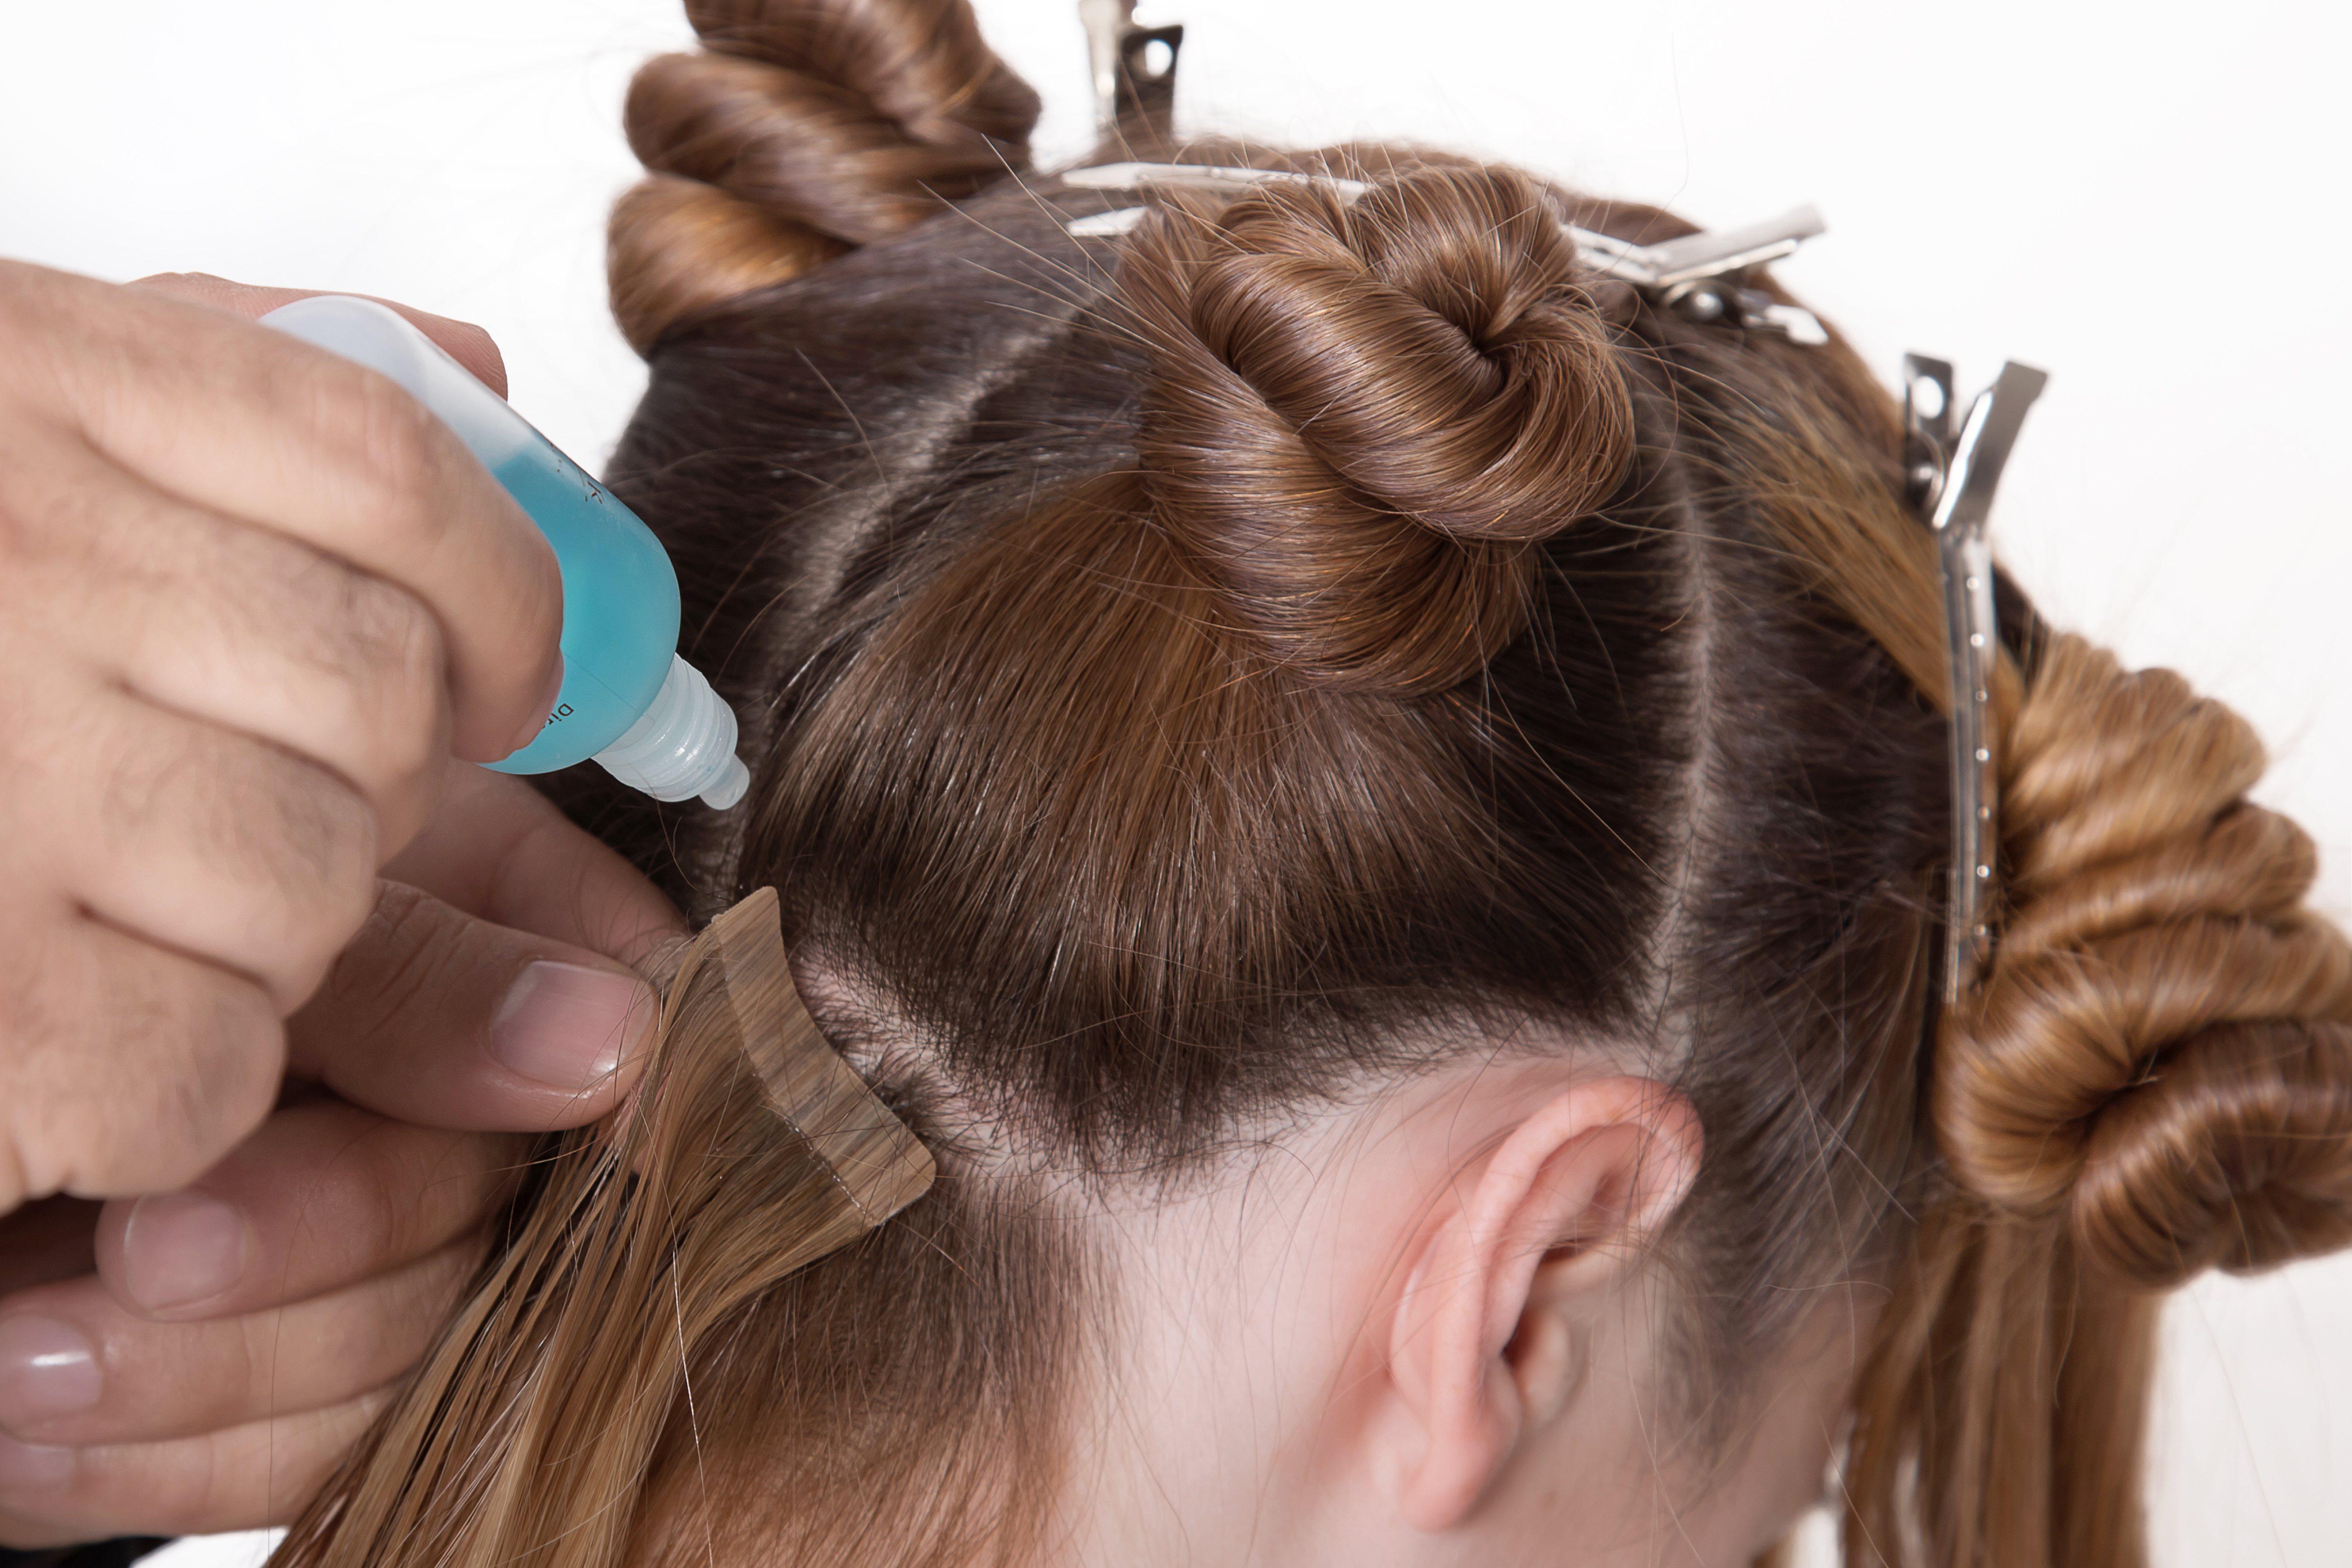 Las extensiones de cabello humano te permiten utilizar el rizador de pelo